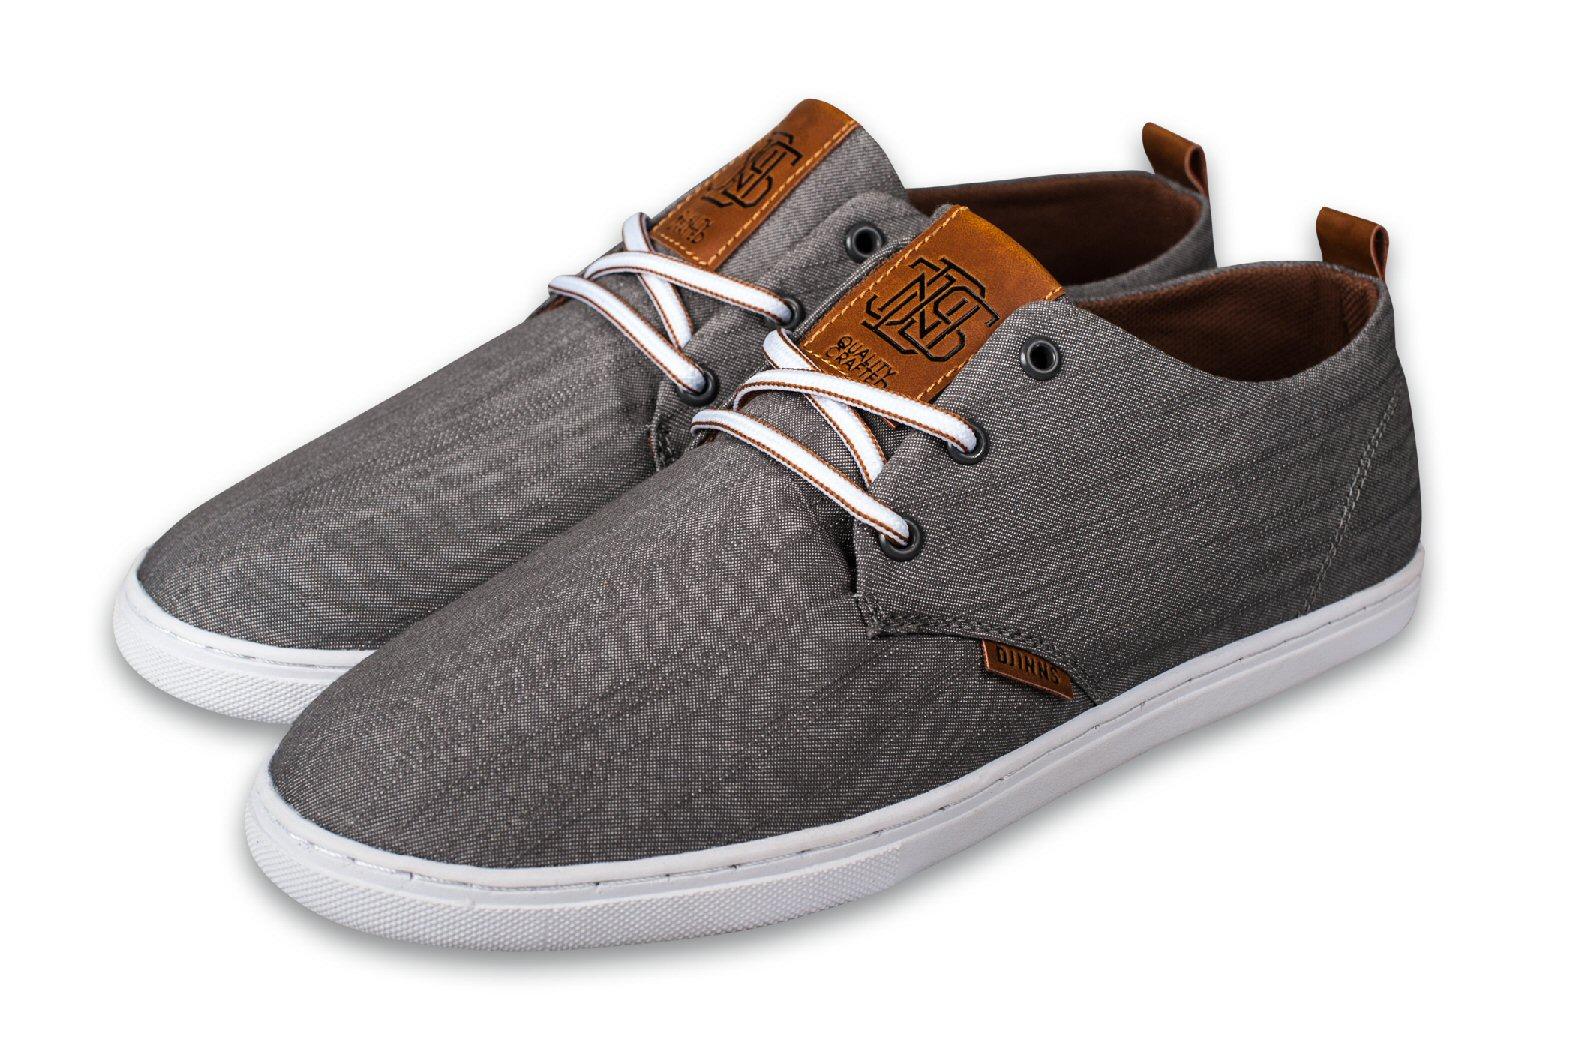 Djinn´s Djinns Low Lau Linen 2014 grau Sneaker Herren (Größe 43+45)